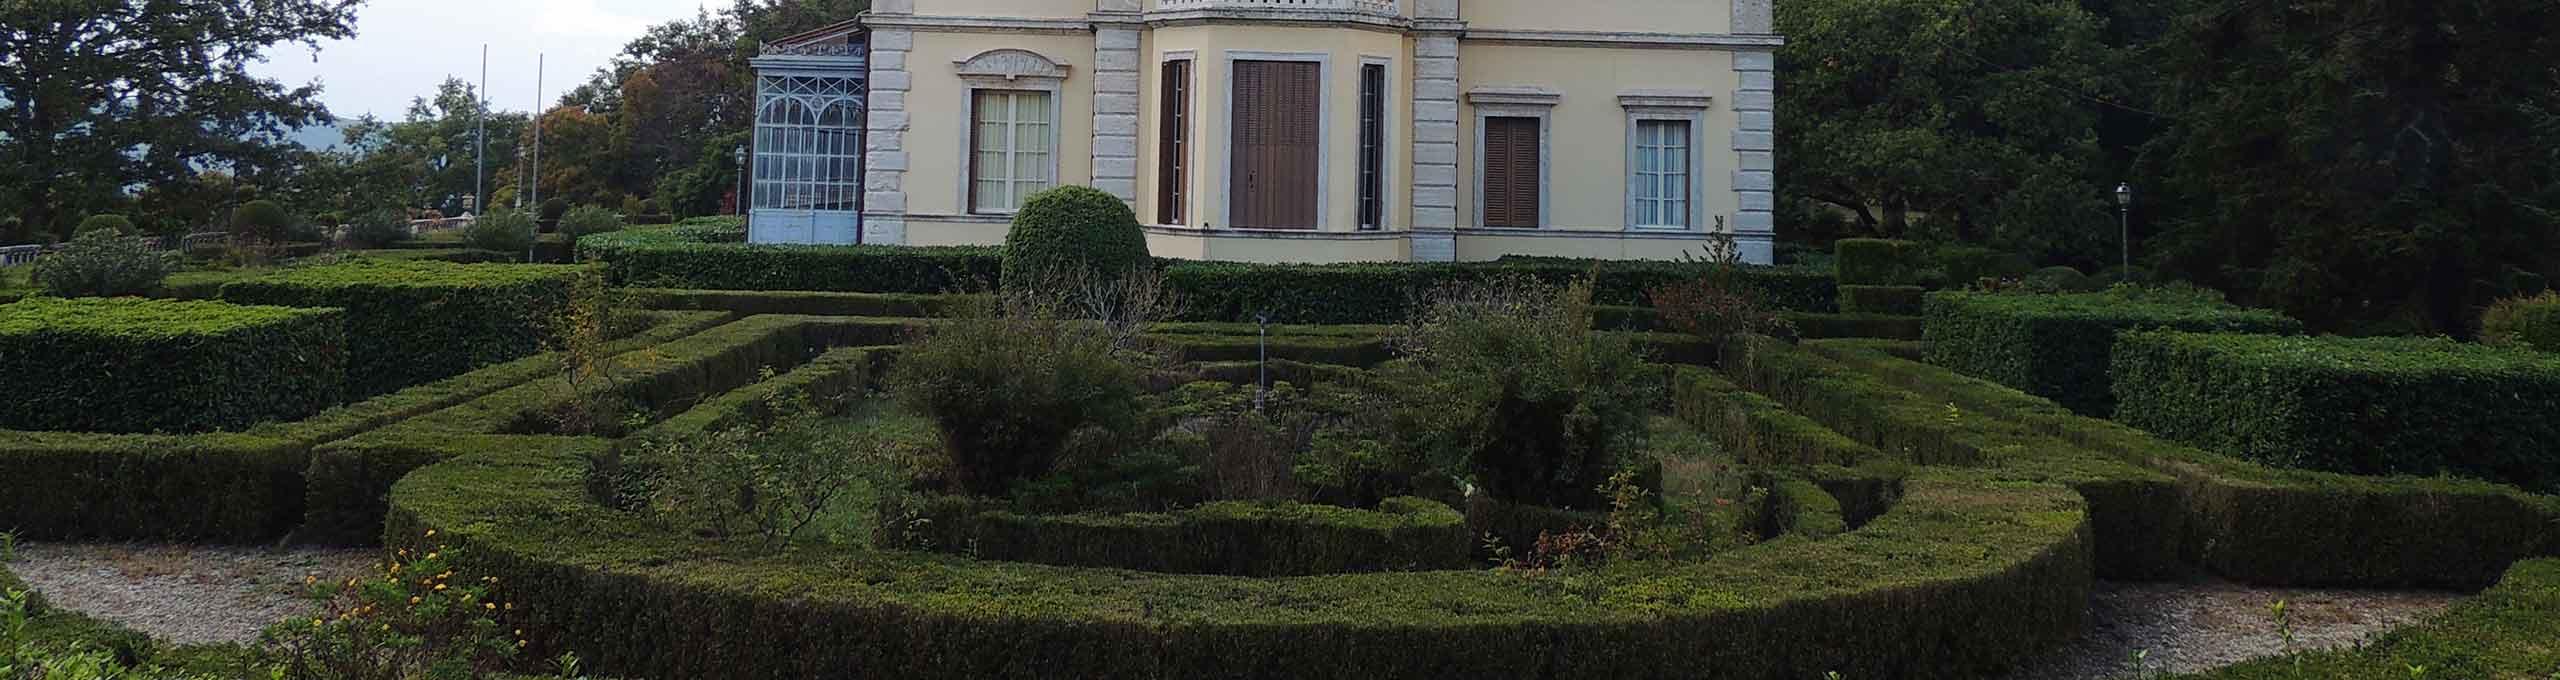 Villa Cahen, nel Parco Selva di Meana